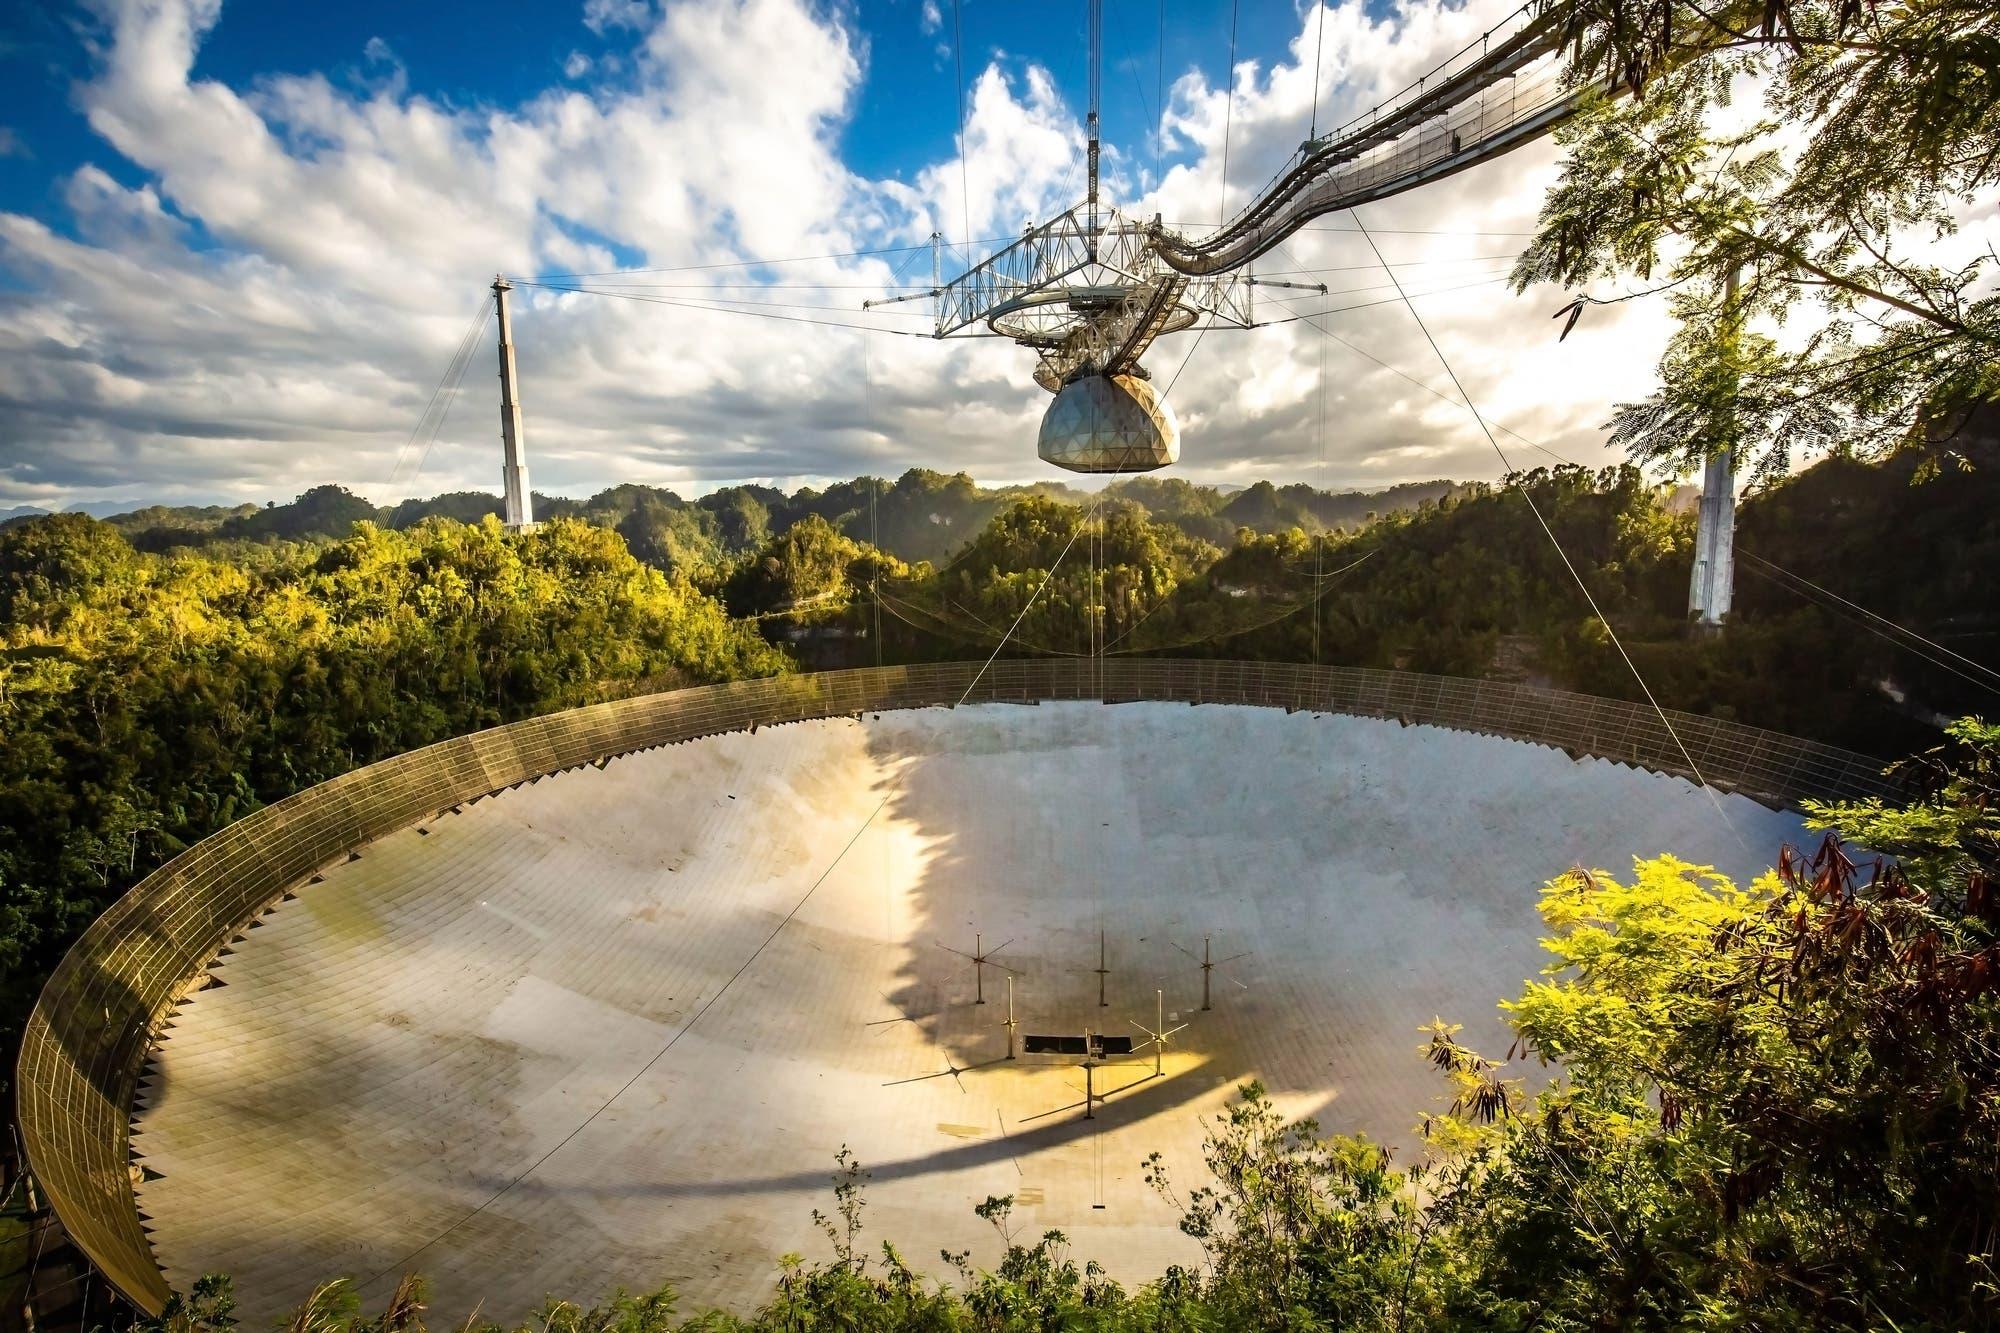 Adiós a Arecibo: desmantelarán el histórico radiotelescopio después de 56 años de servicio